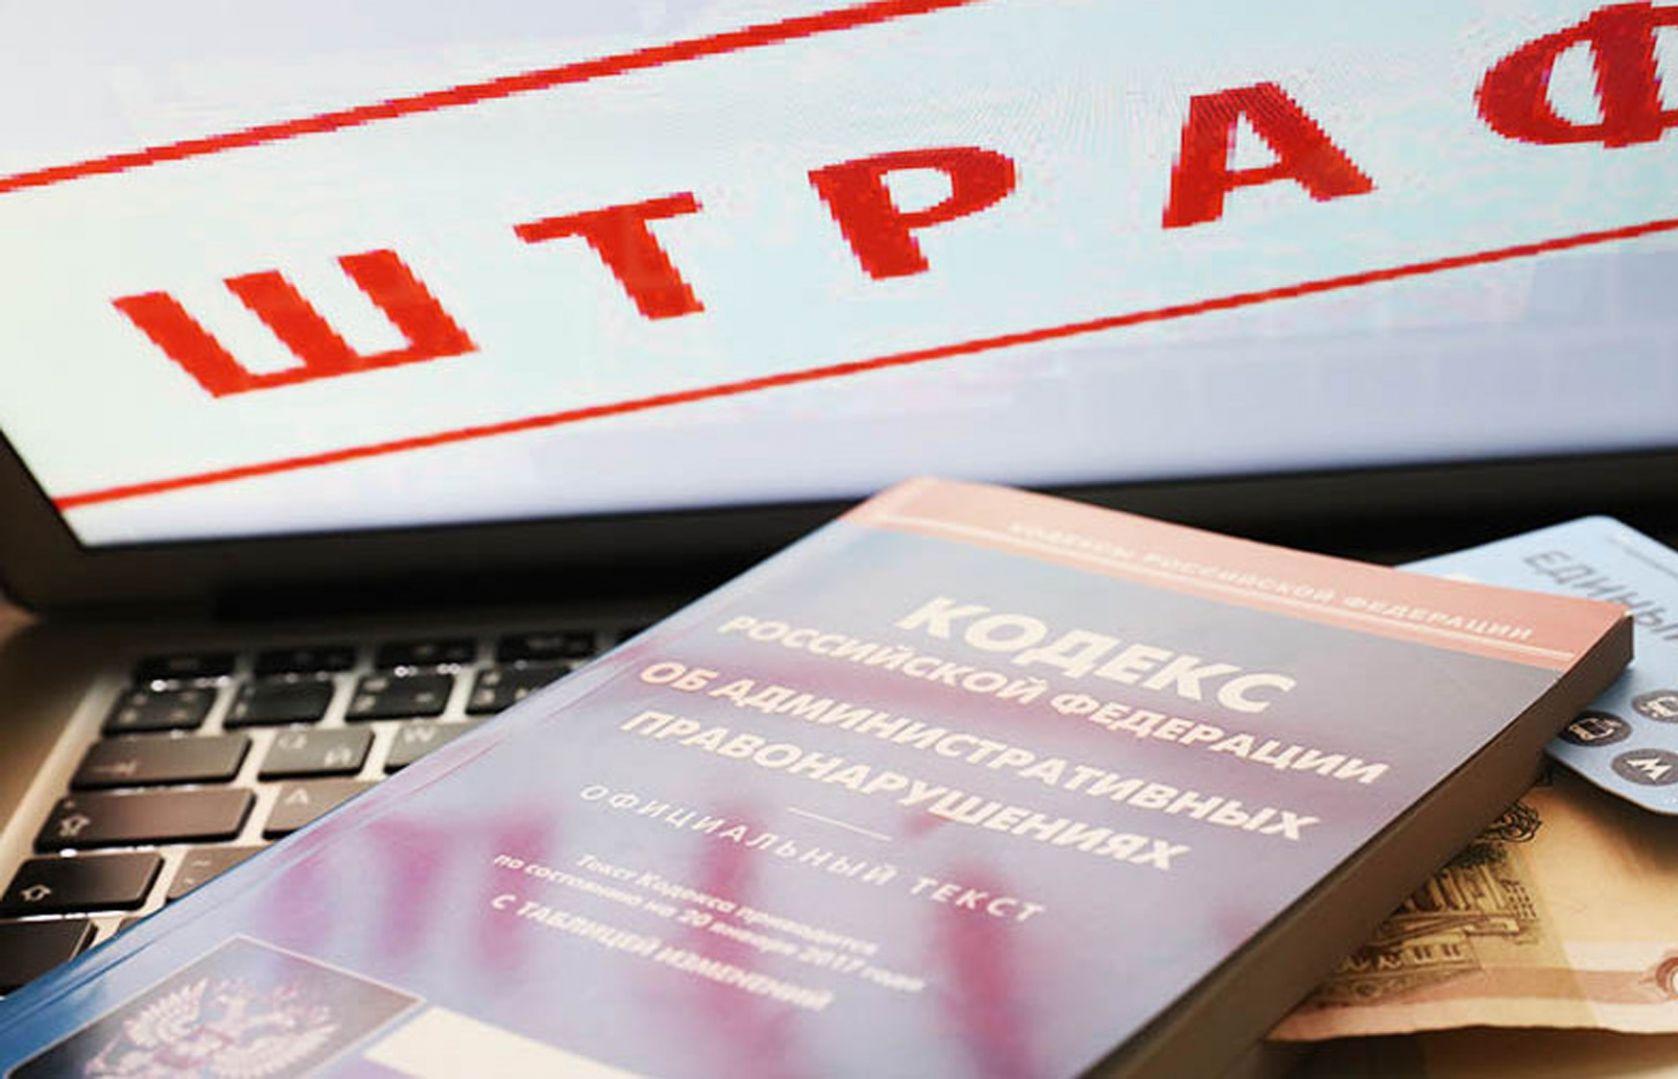 В Тверской области суд привлек к ответственности землевладельца за воспрепятствование проведению проверки - новости Афанасий